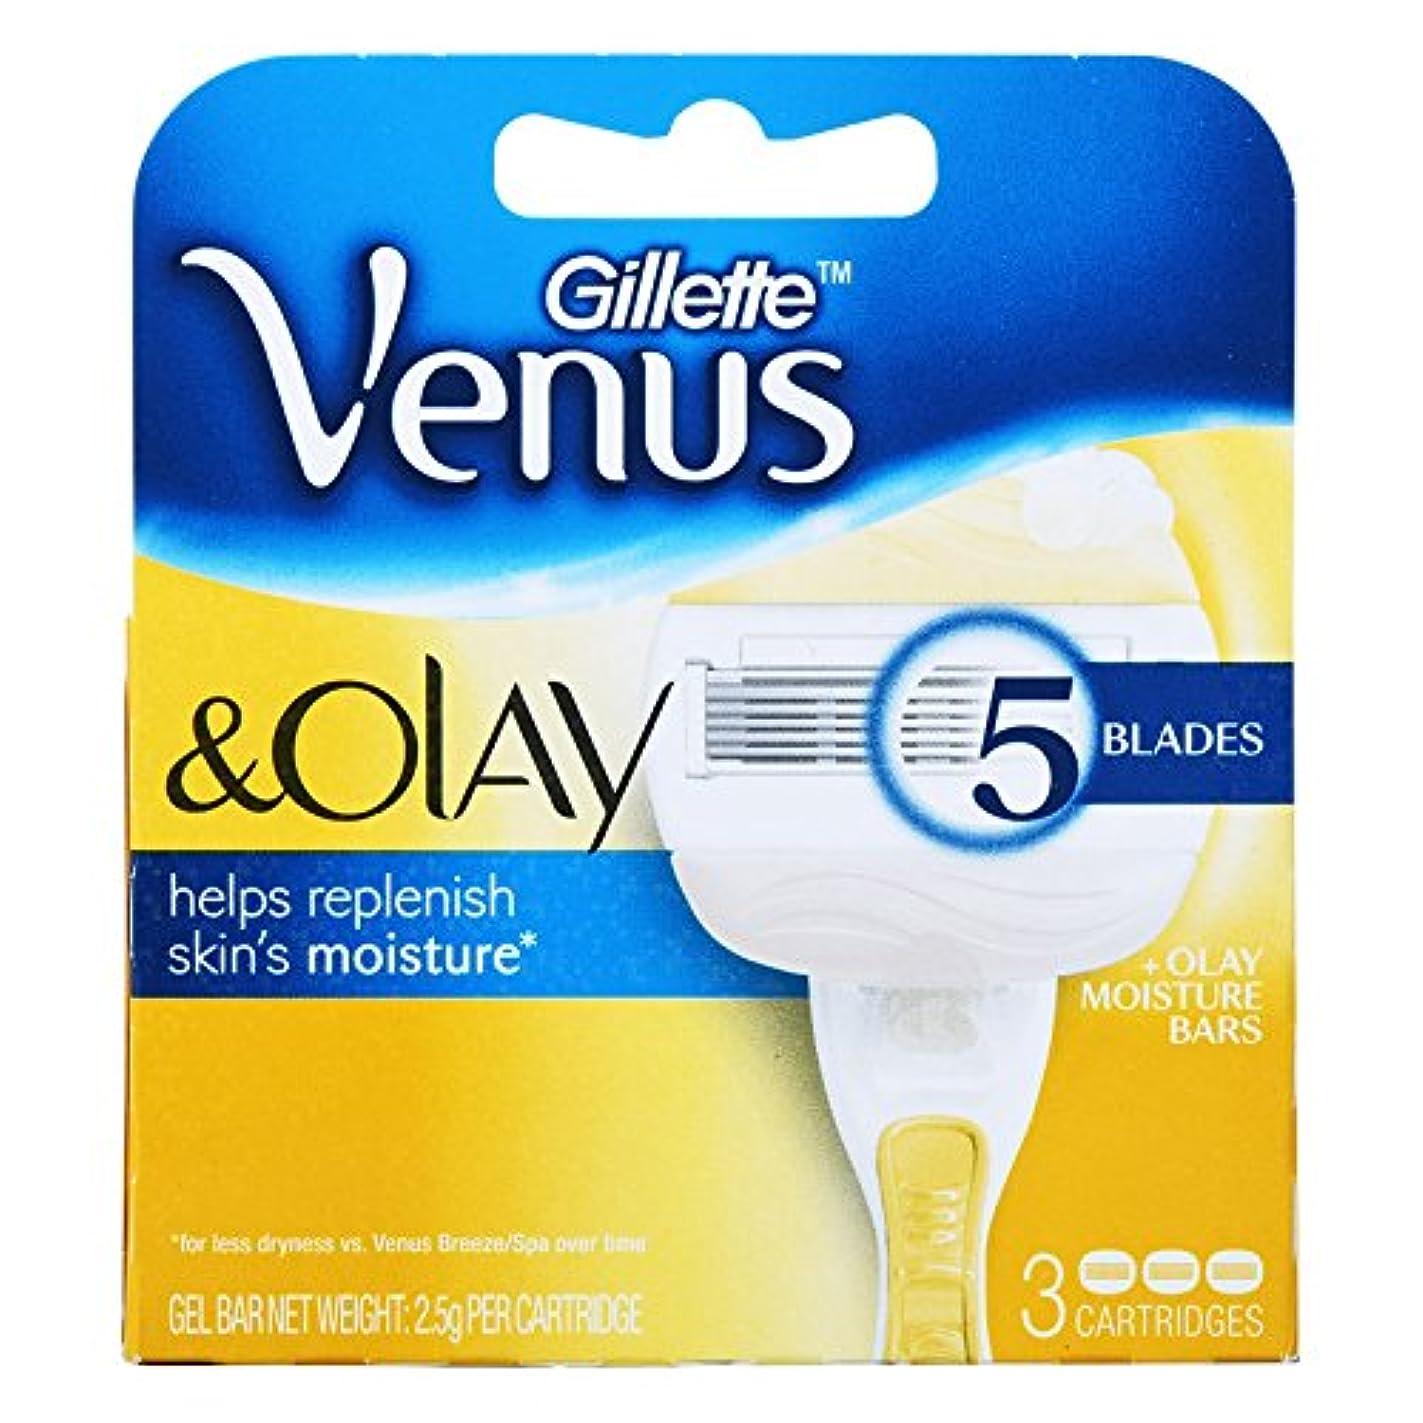 相関する先祖鮮やかなGillette Venus Olay Razor Blades カートリッジブレード 3 Pcs [並行輸入品]